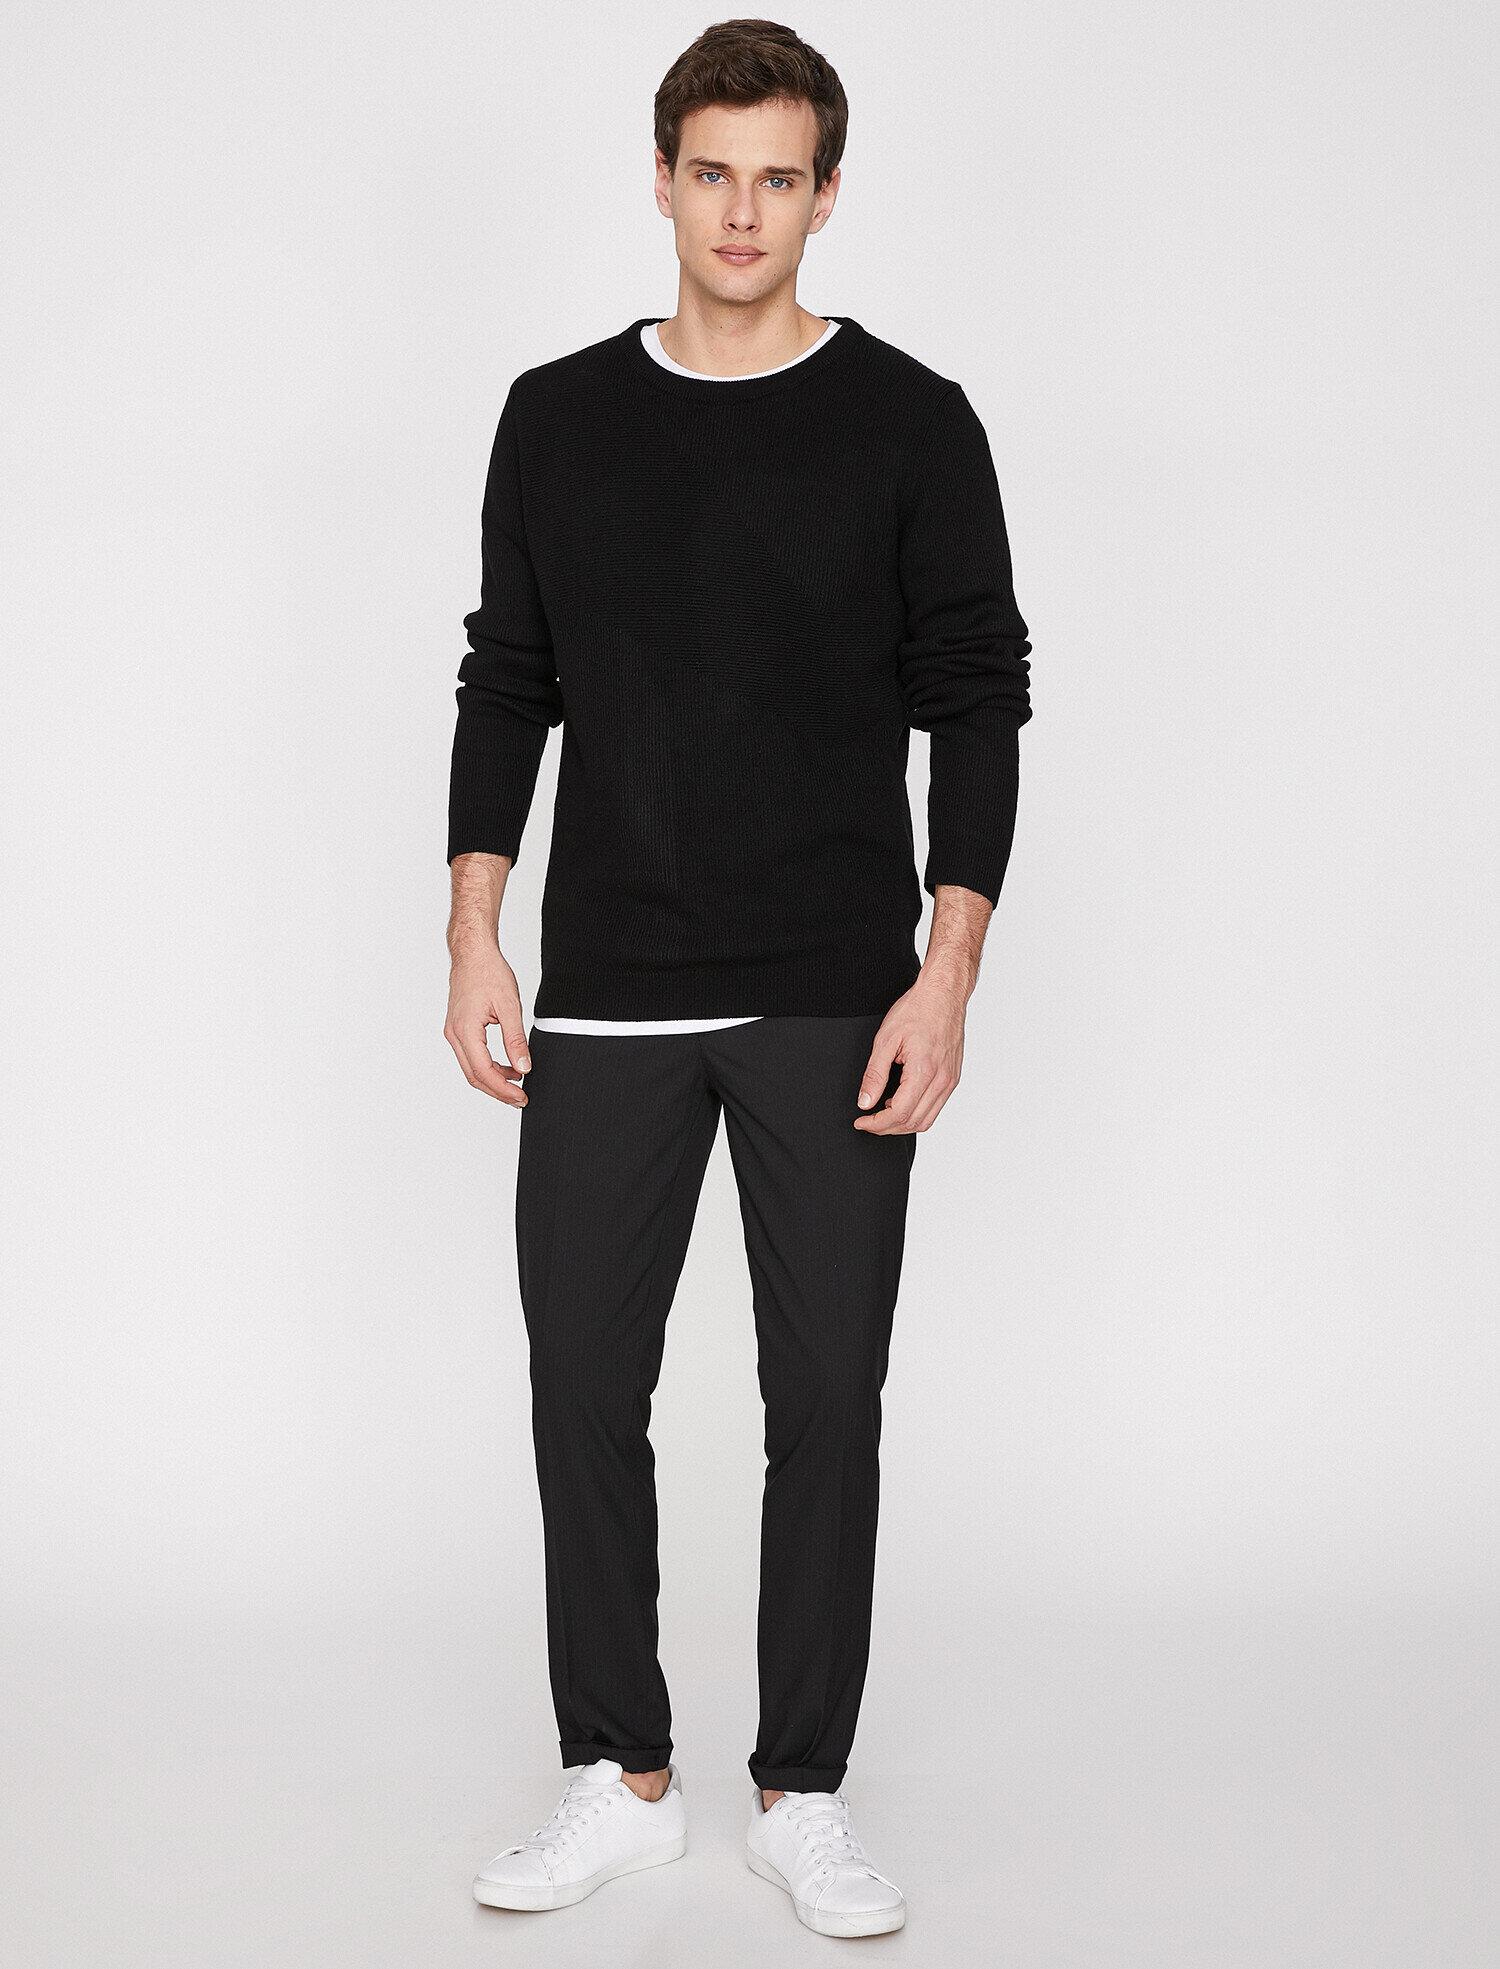 Koton Erkek Cep Detayli Pantolon Siyah Ürün Resmi